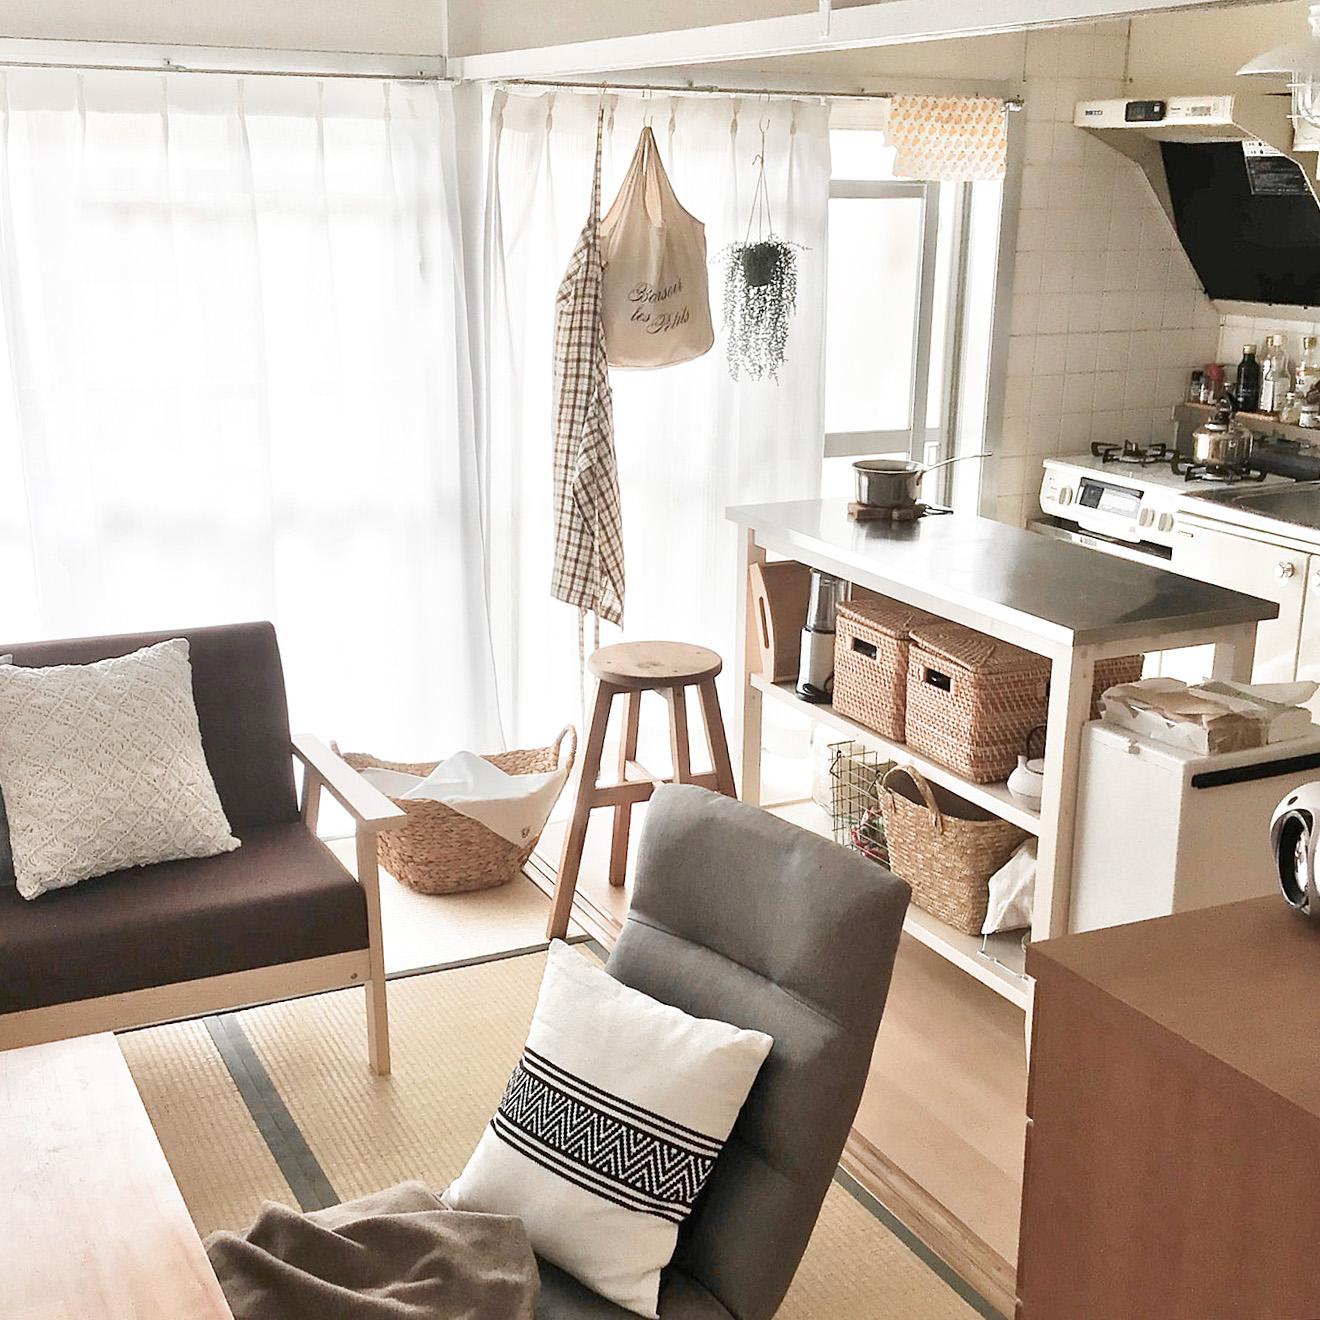 団地暮らしのmaatonaさん。リビングスペースとの間に置かれているのは、ニトリのステンレス天板のキッチンカウンターです。